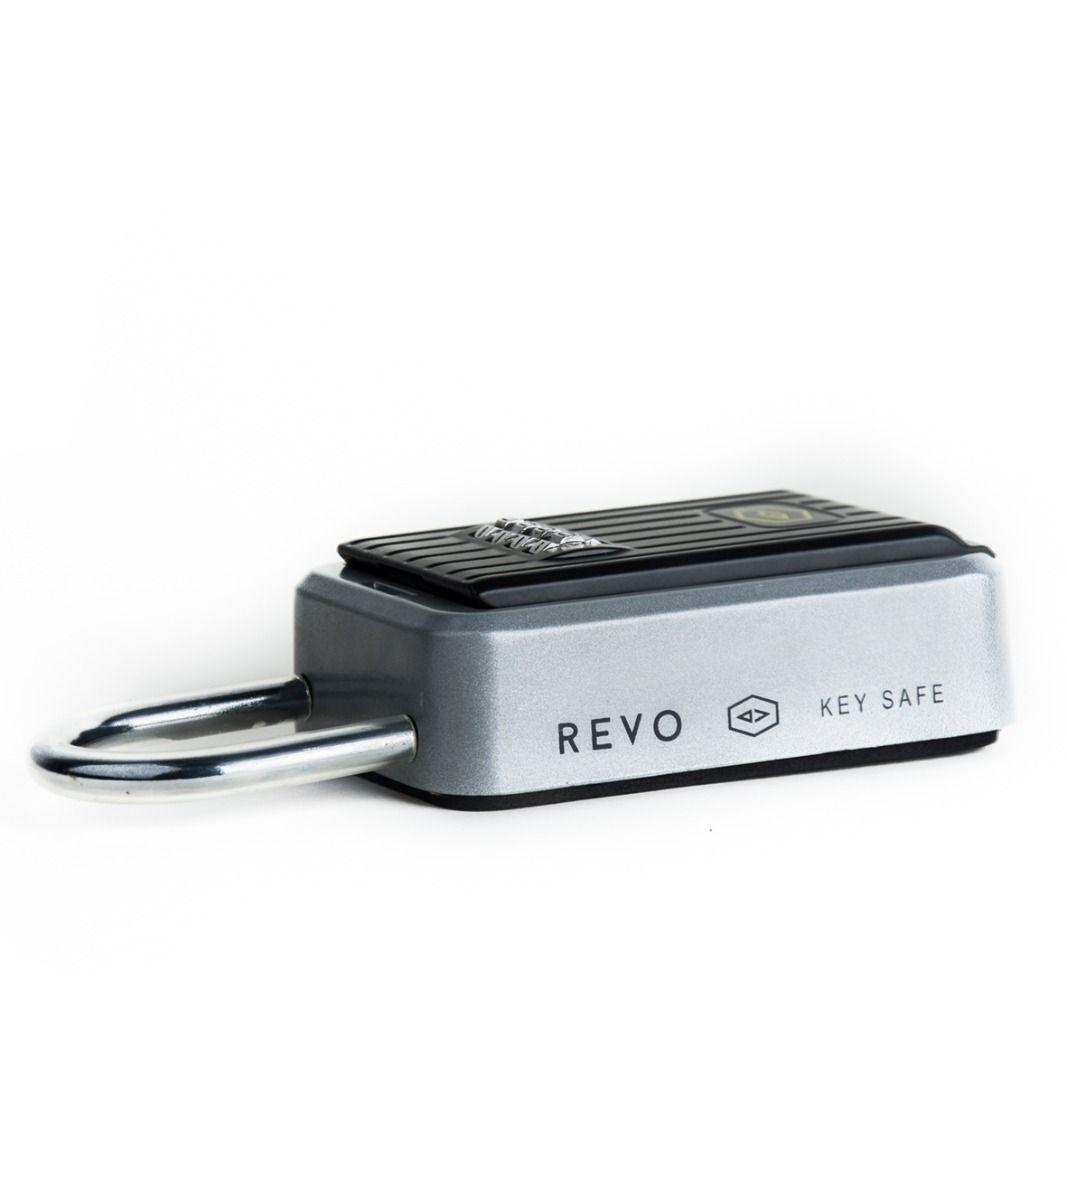 CANDADO REVO - KEY SAFE